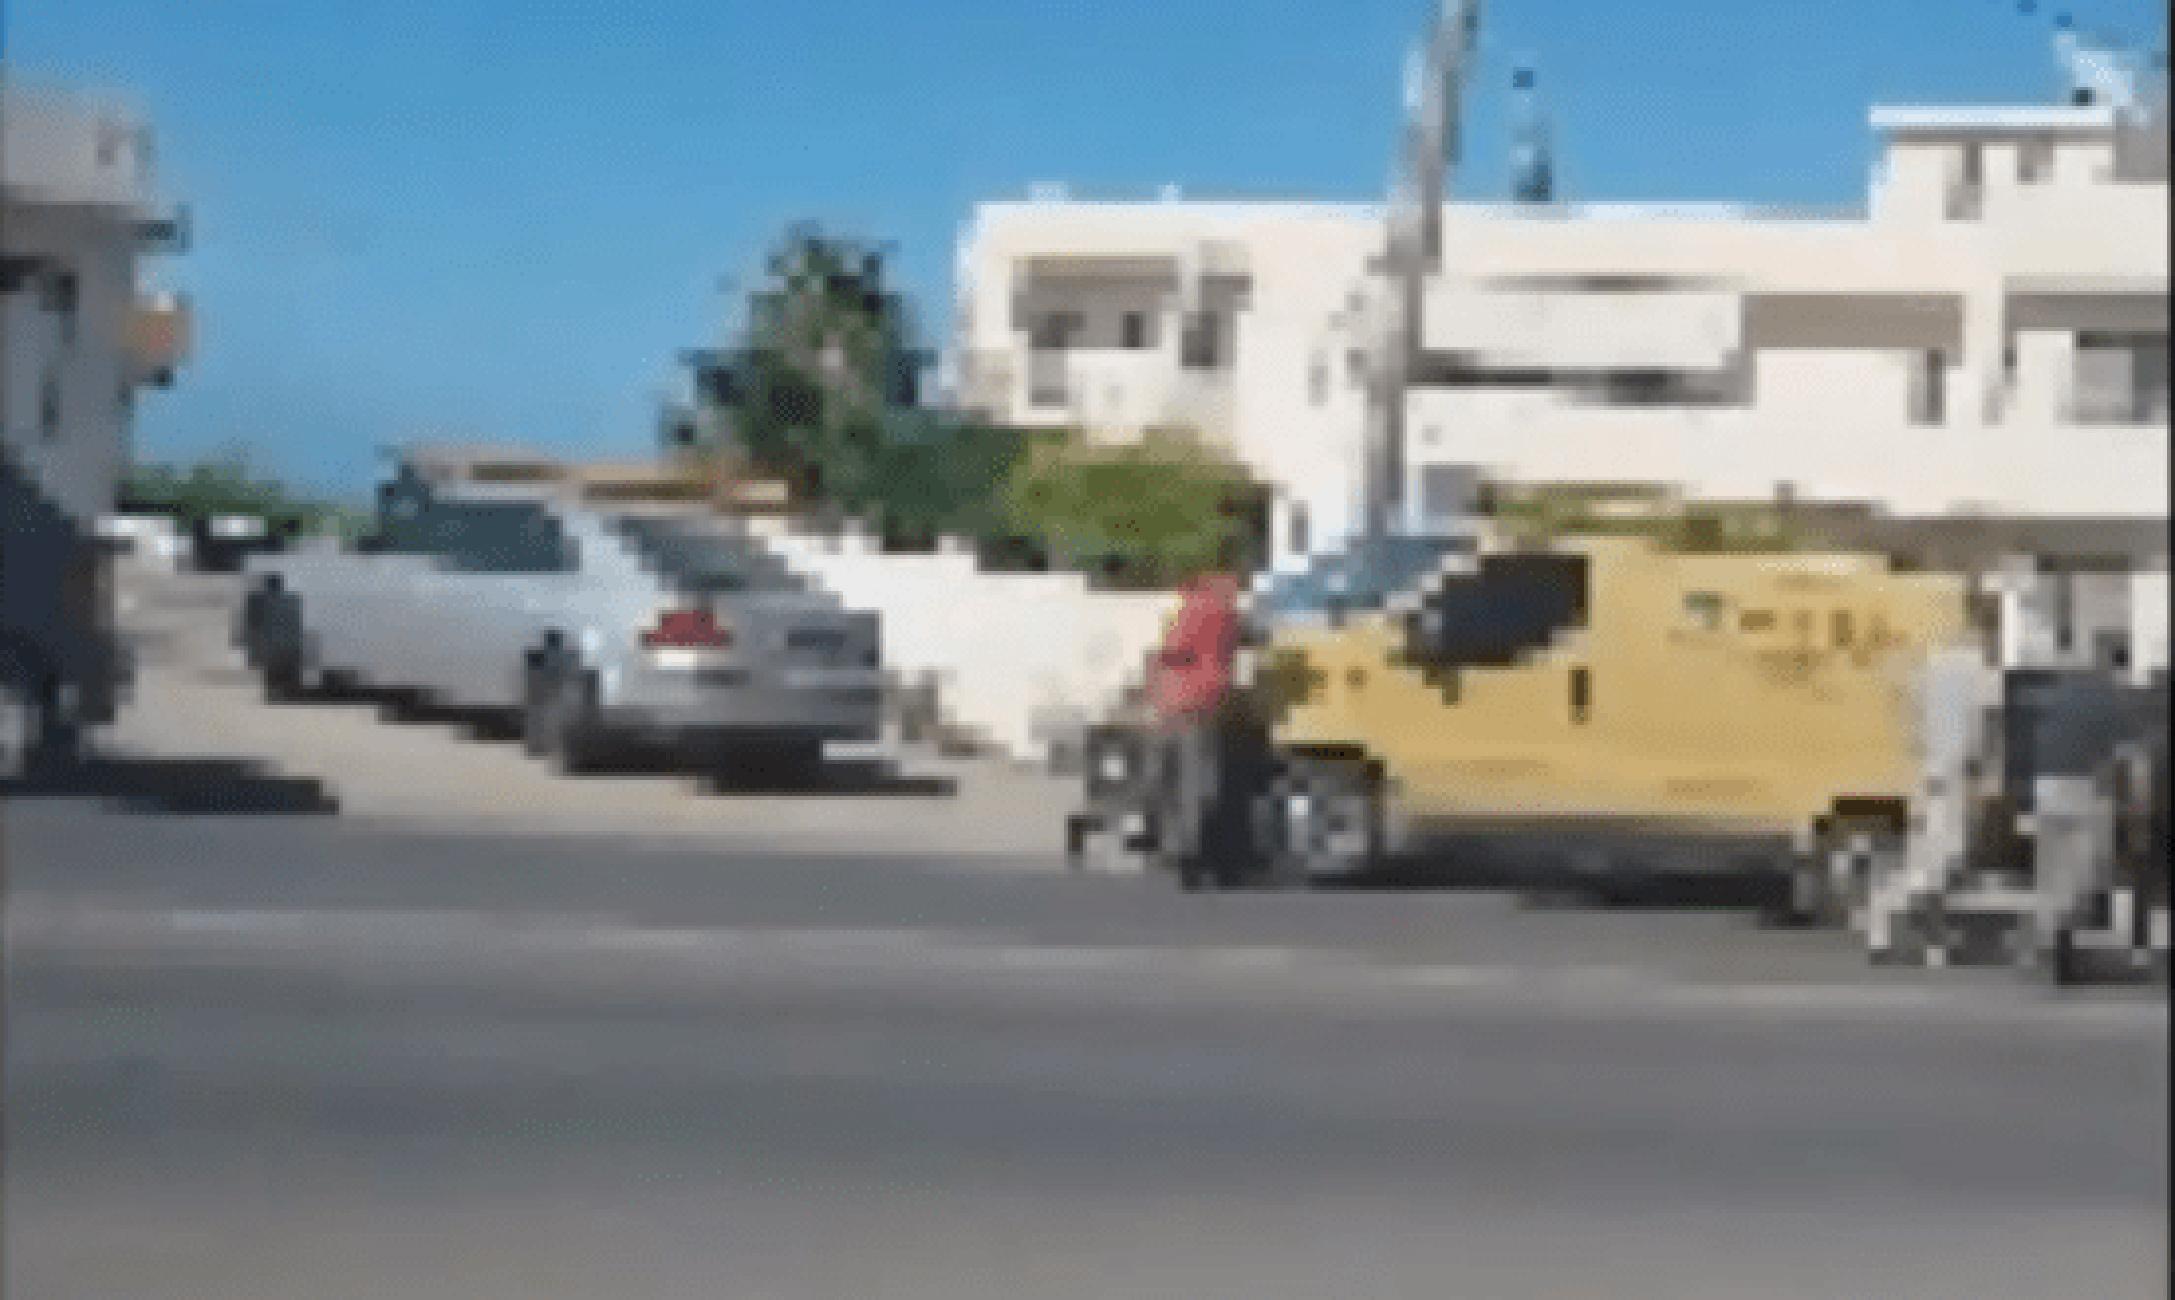 Μάλια: Έβγαλαν τα τσεκούρια και άρχισαν να τσακώνονται στη μέση του δρόμου